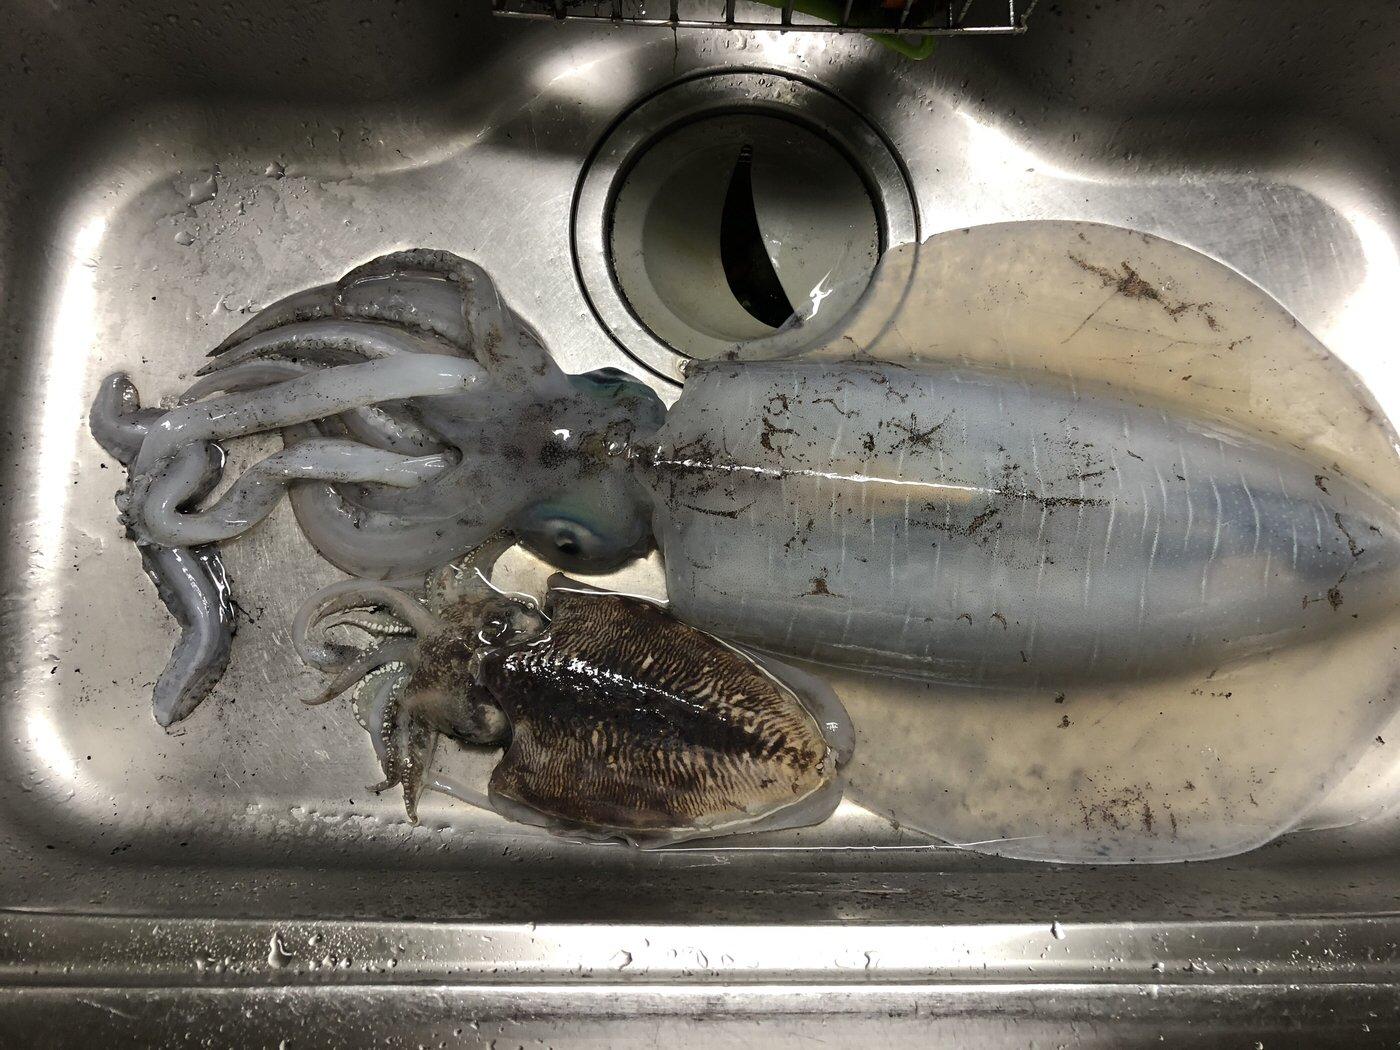 kackyさんの投稿画像,写っている魚はアオリイカ,コウイカ